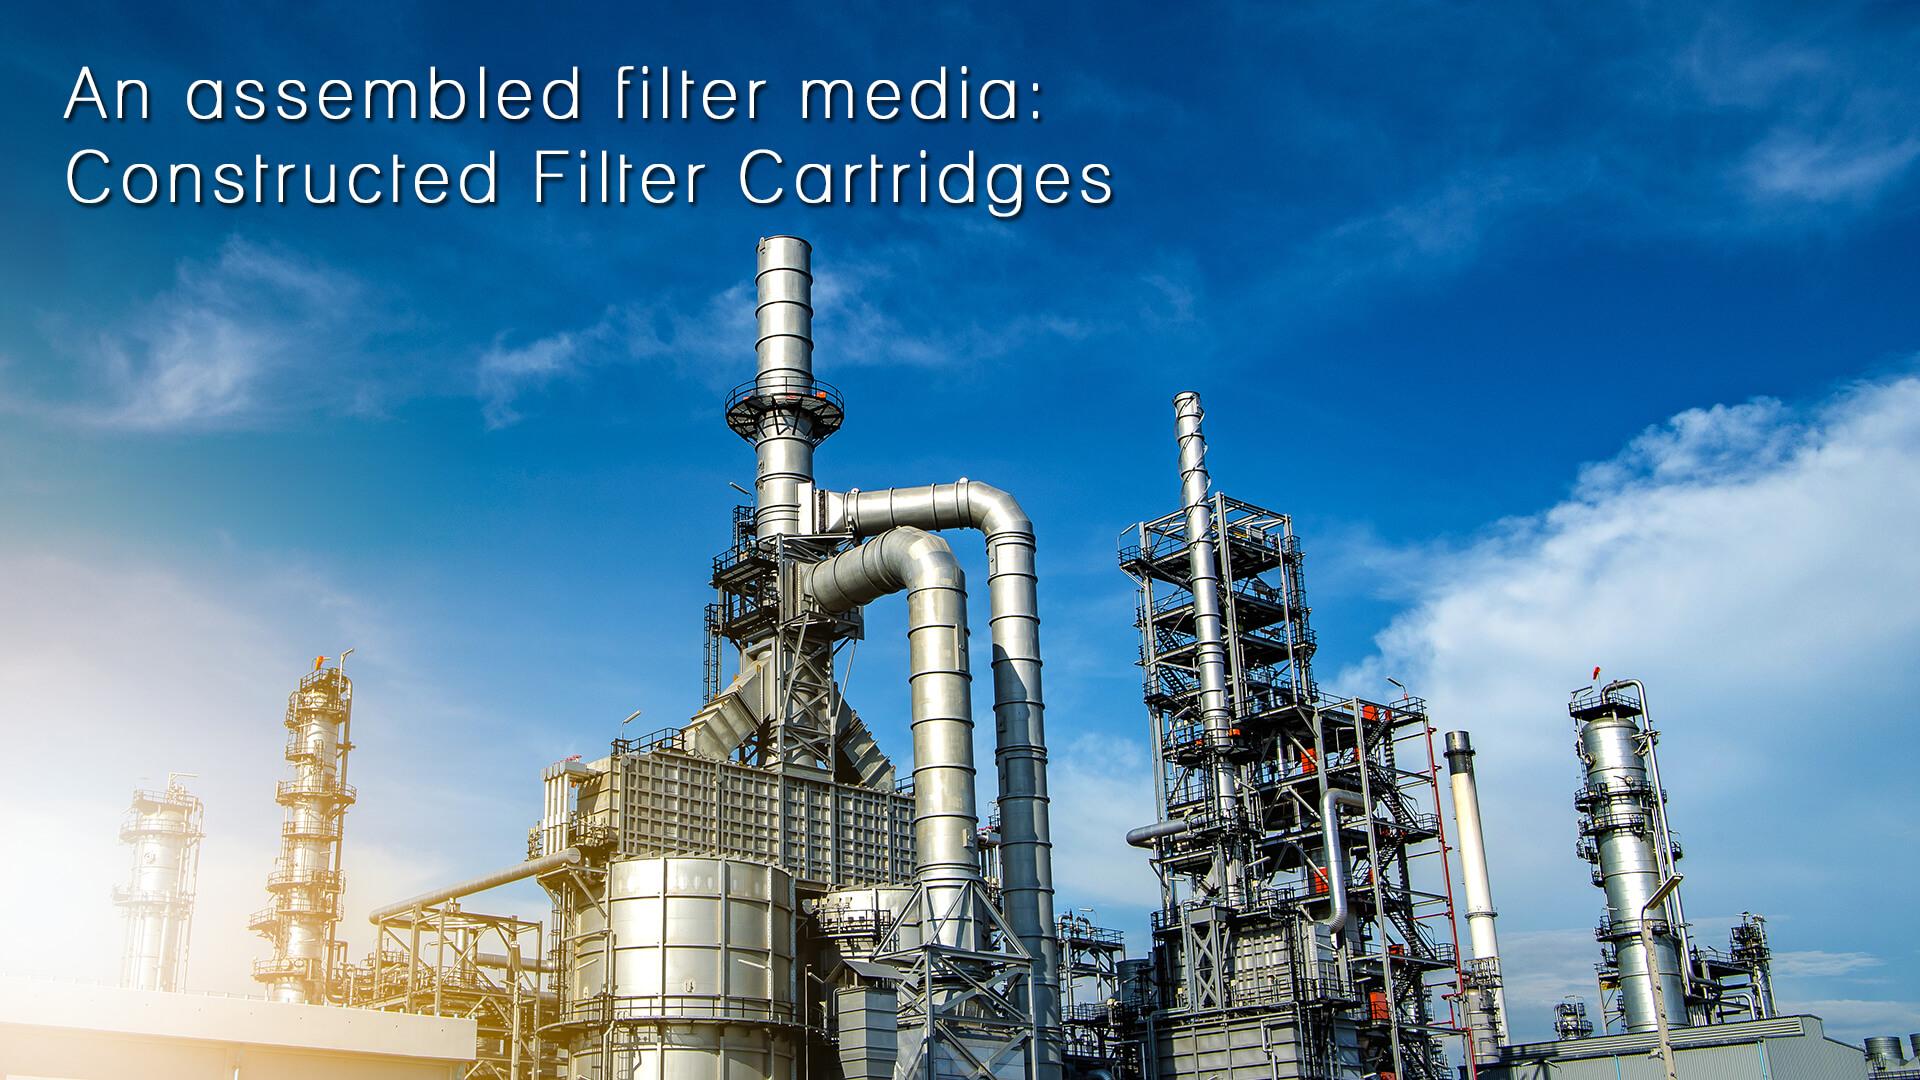 An assembled filter media Constructed Filter Cartridges